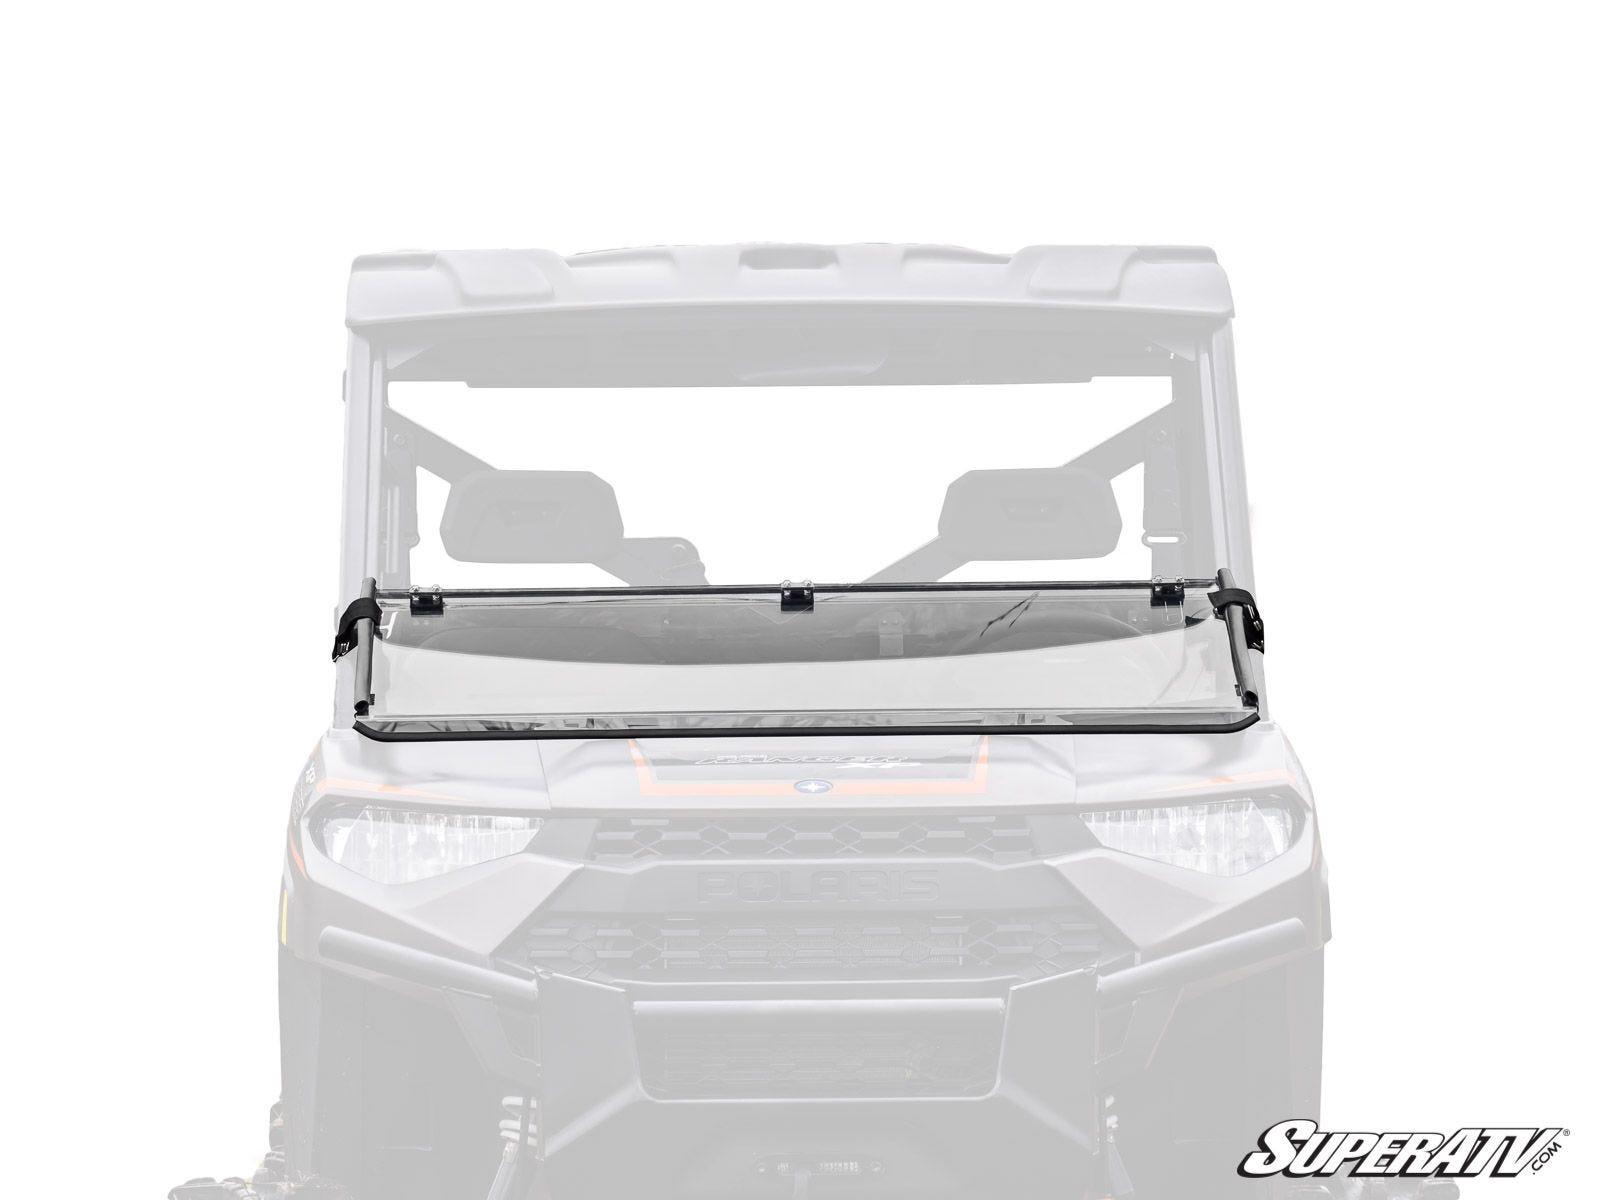 super atv flip down scratch resistant windshield for. Black Bedroom Furniture Sets. Home Design Ideas